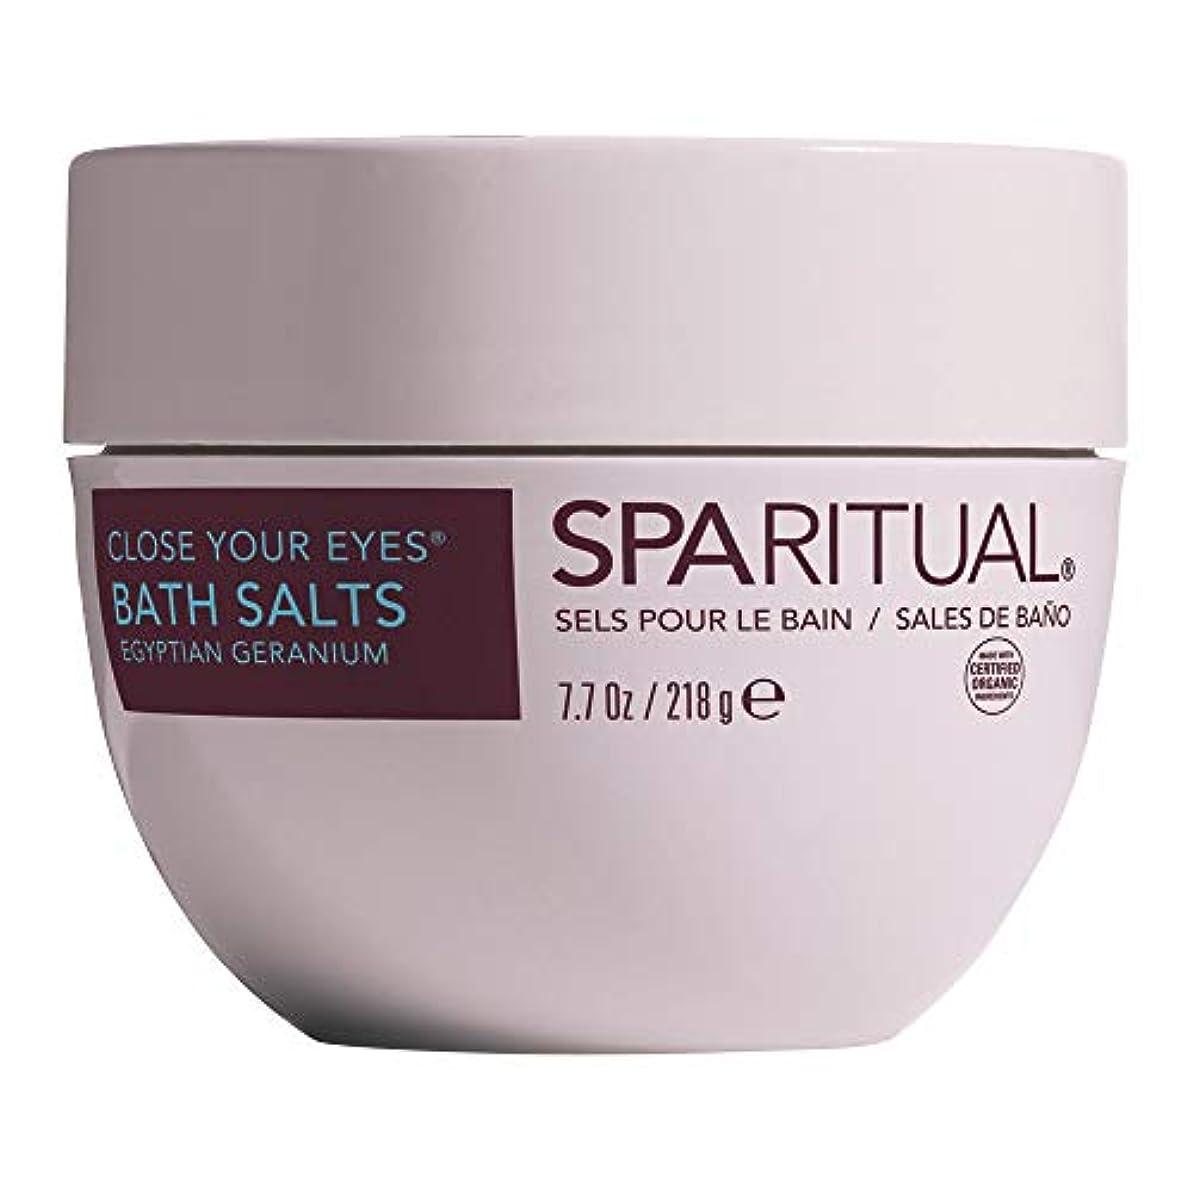 SPARITUAL(スパリチュアル) クローズ ユア アイズ オーガニック バスソルト 218g (ゼラニウムの香り)